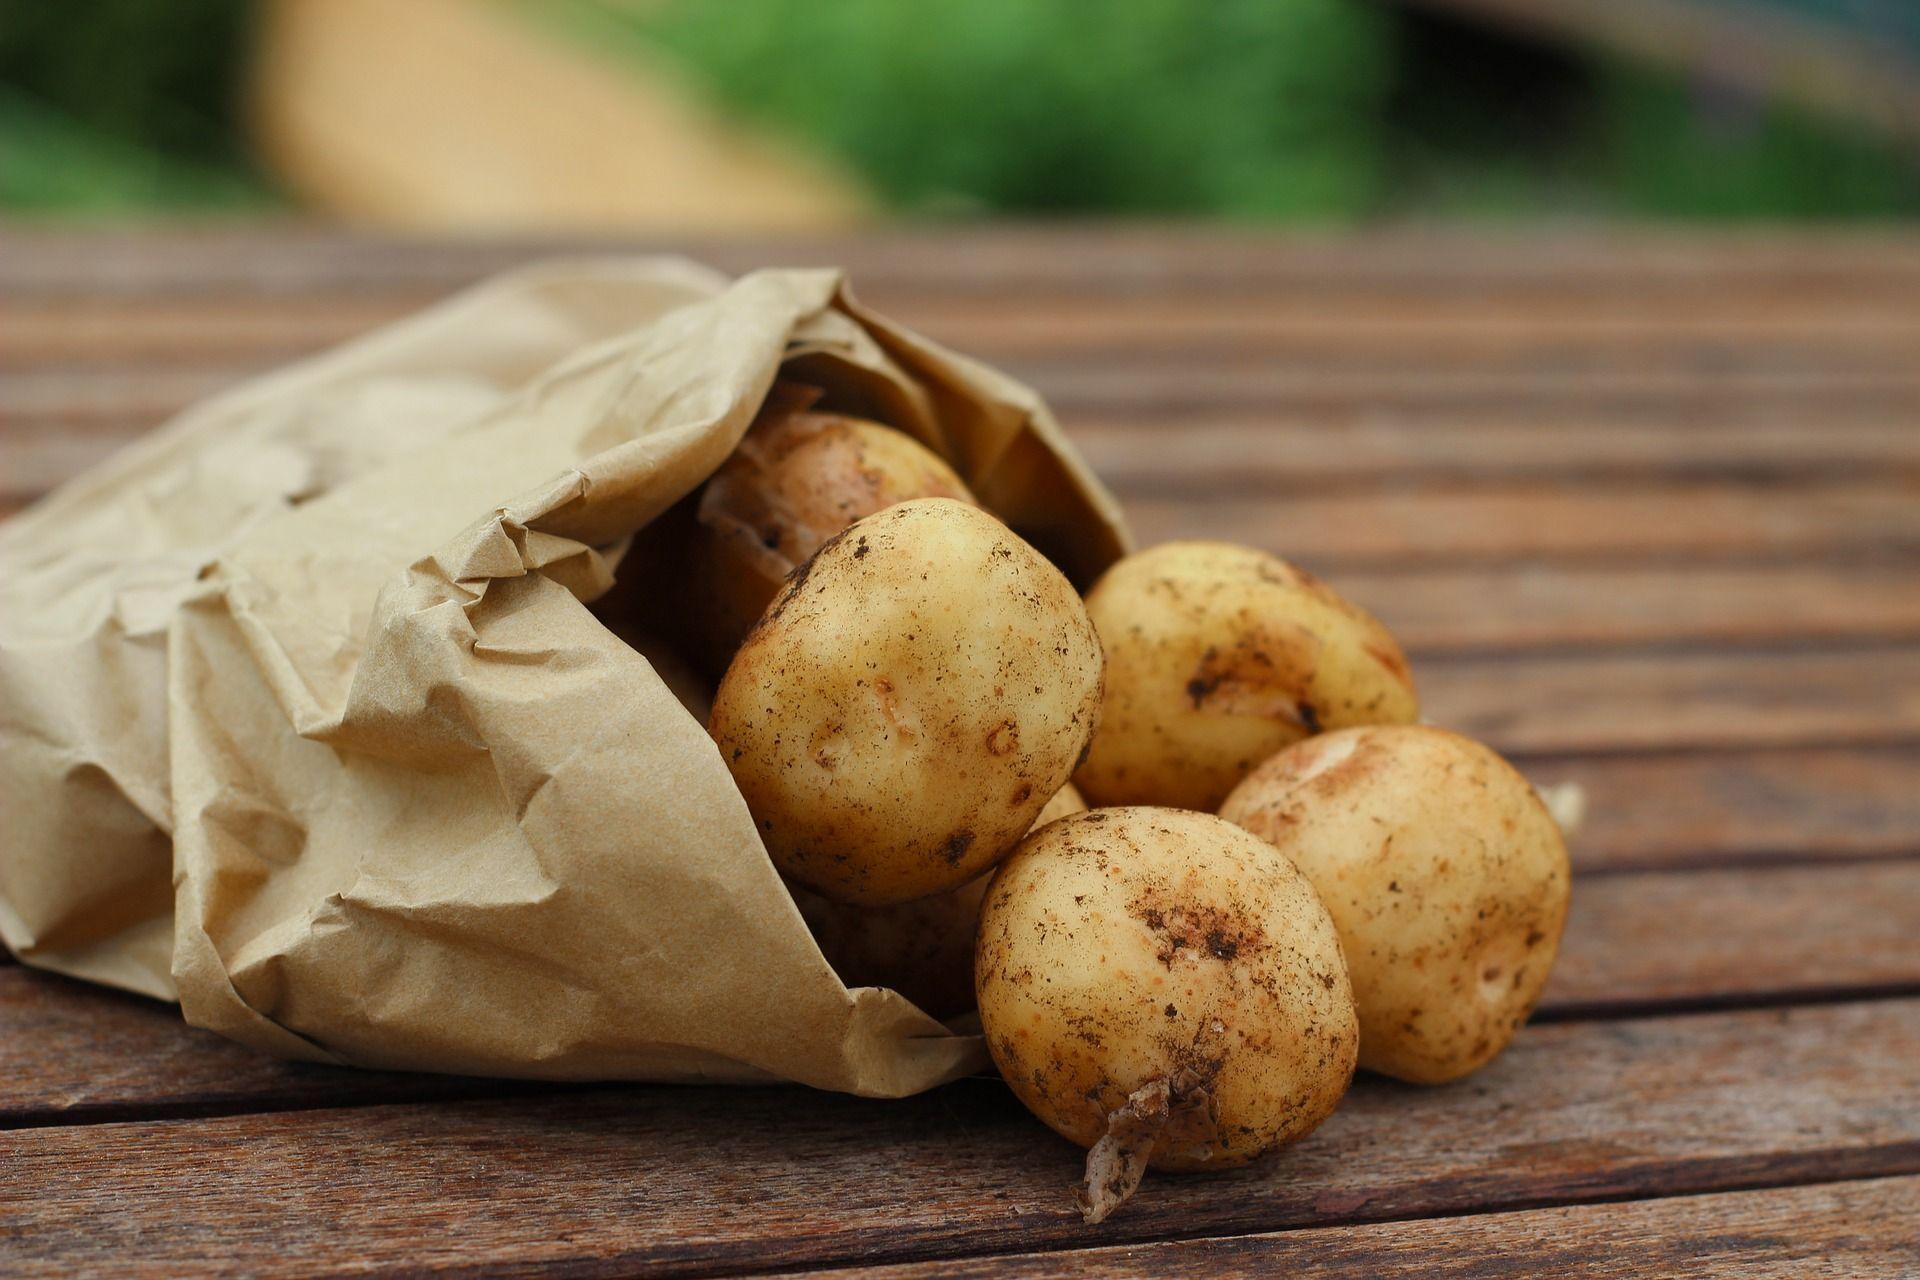 patata rimedi naturali scottature